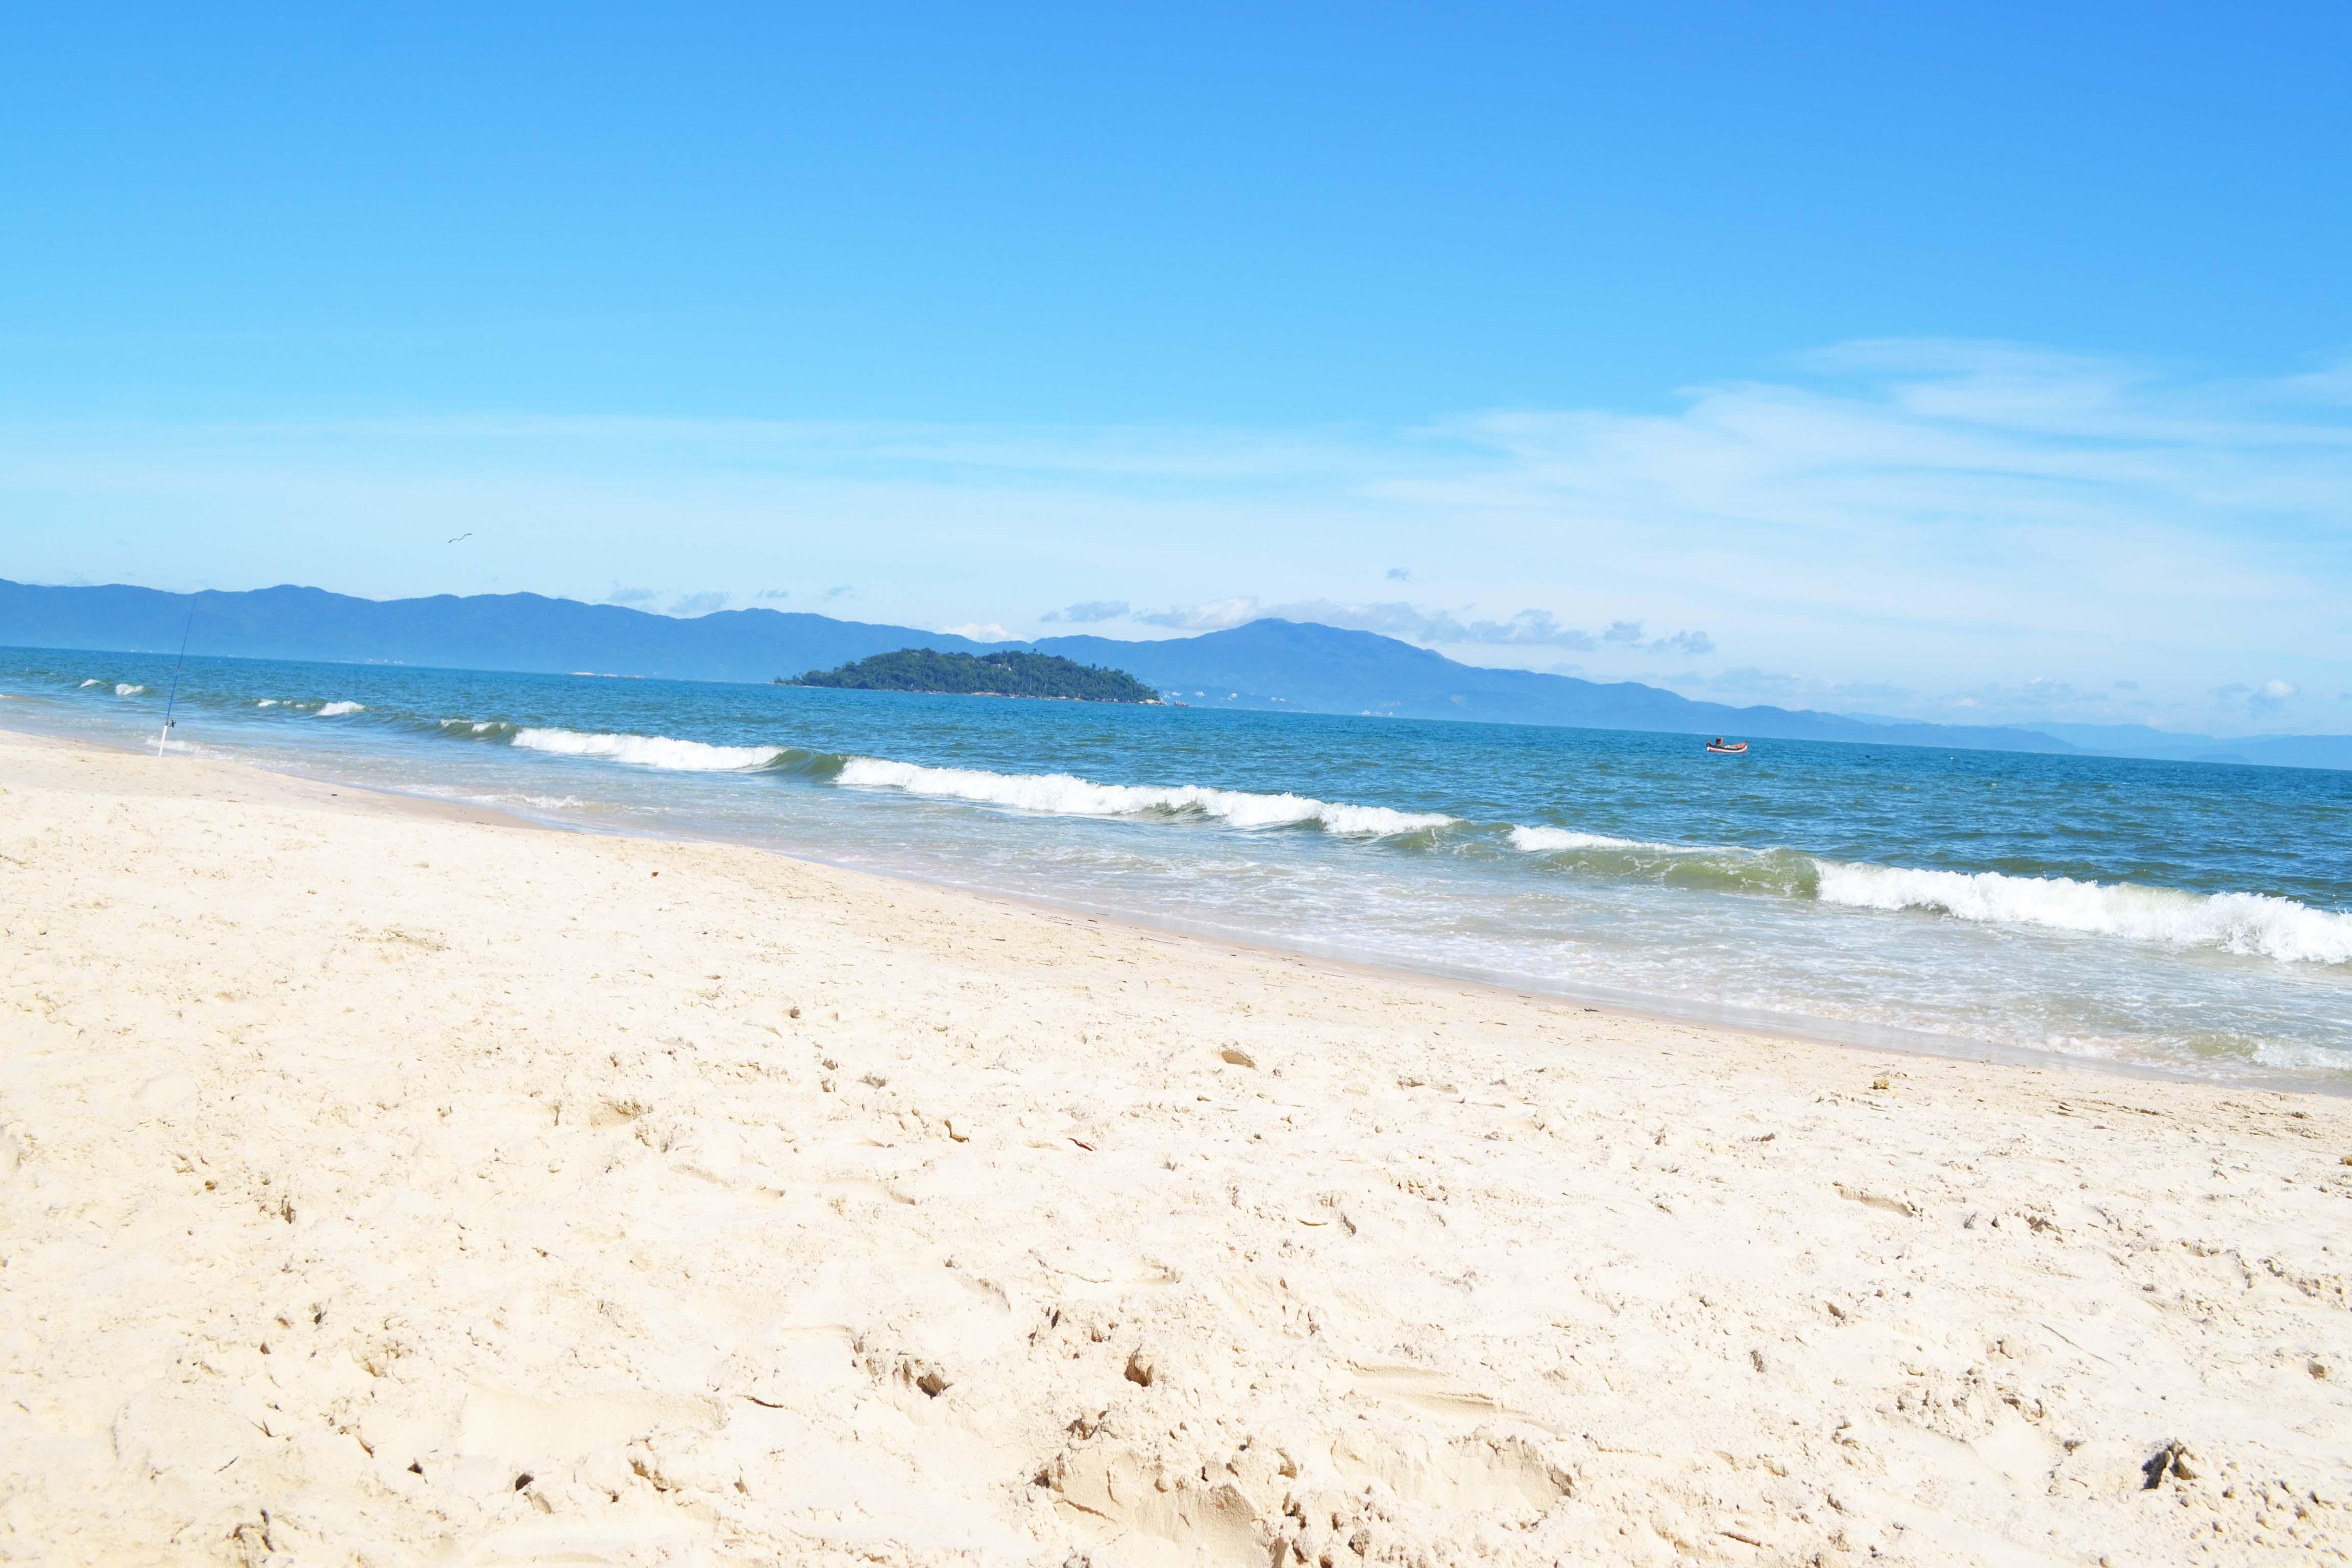 praia_canasvieiras_vazia